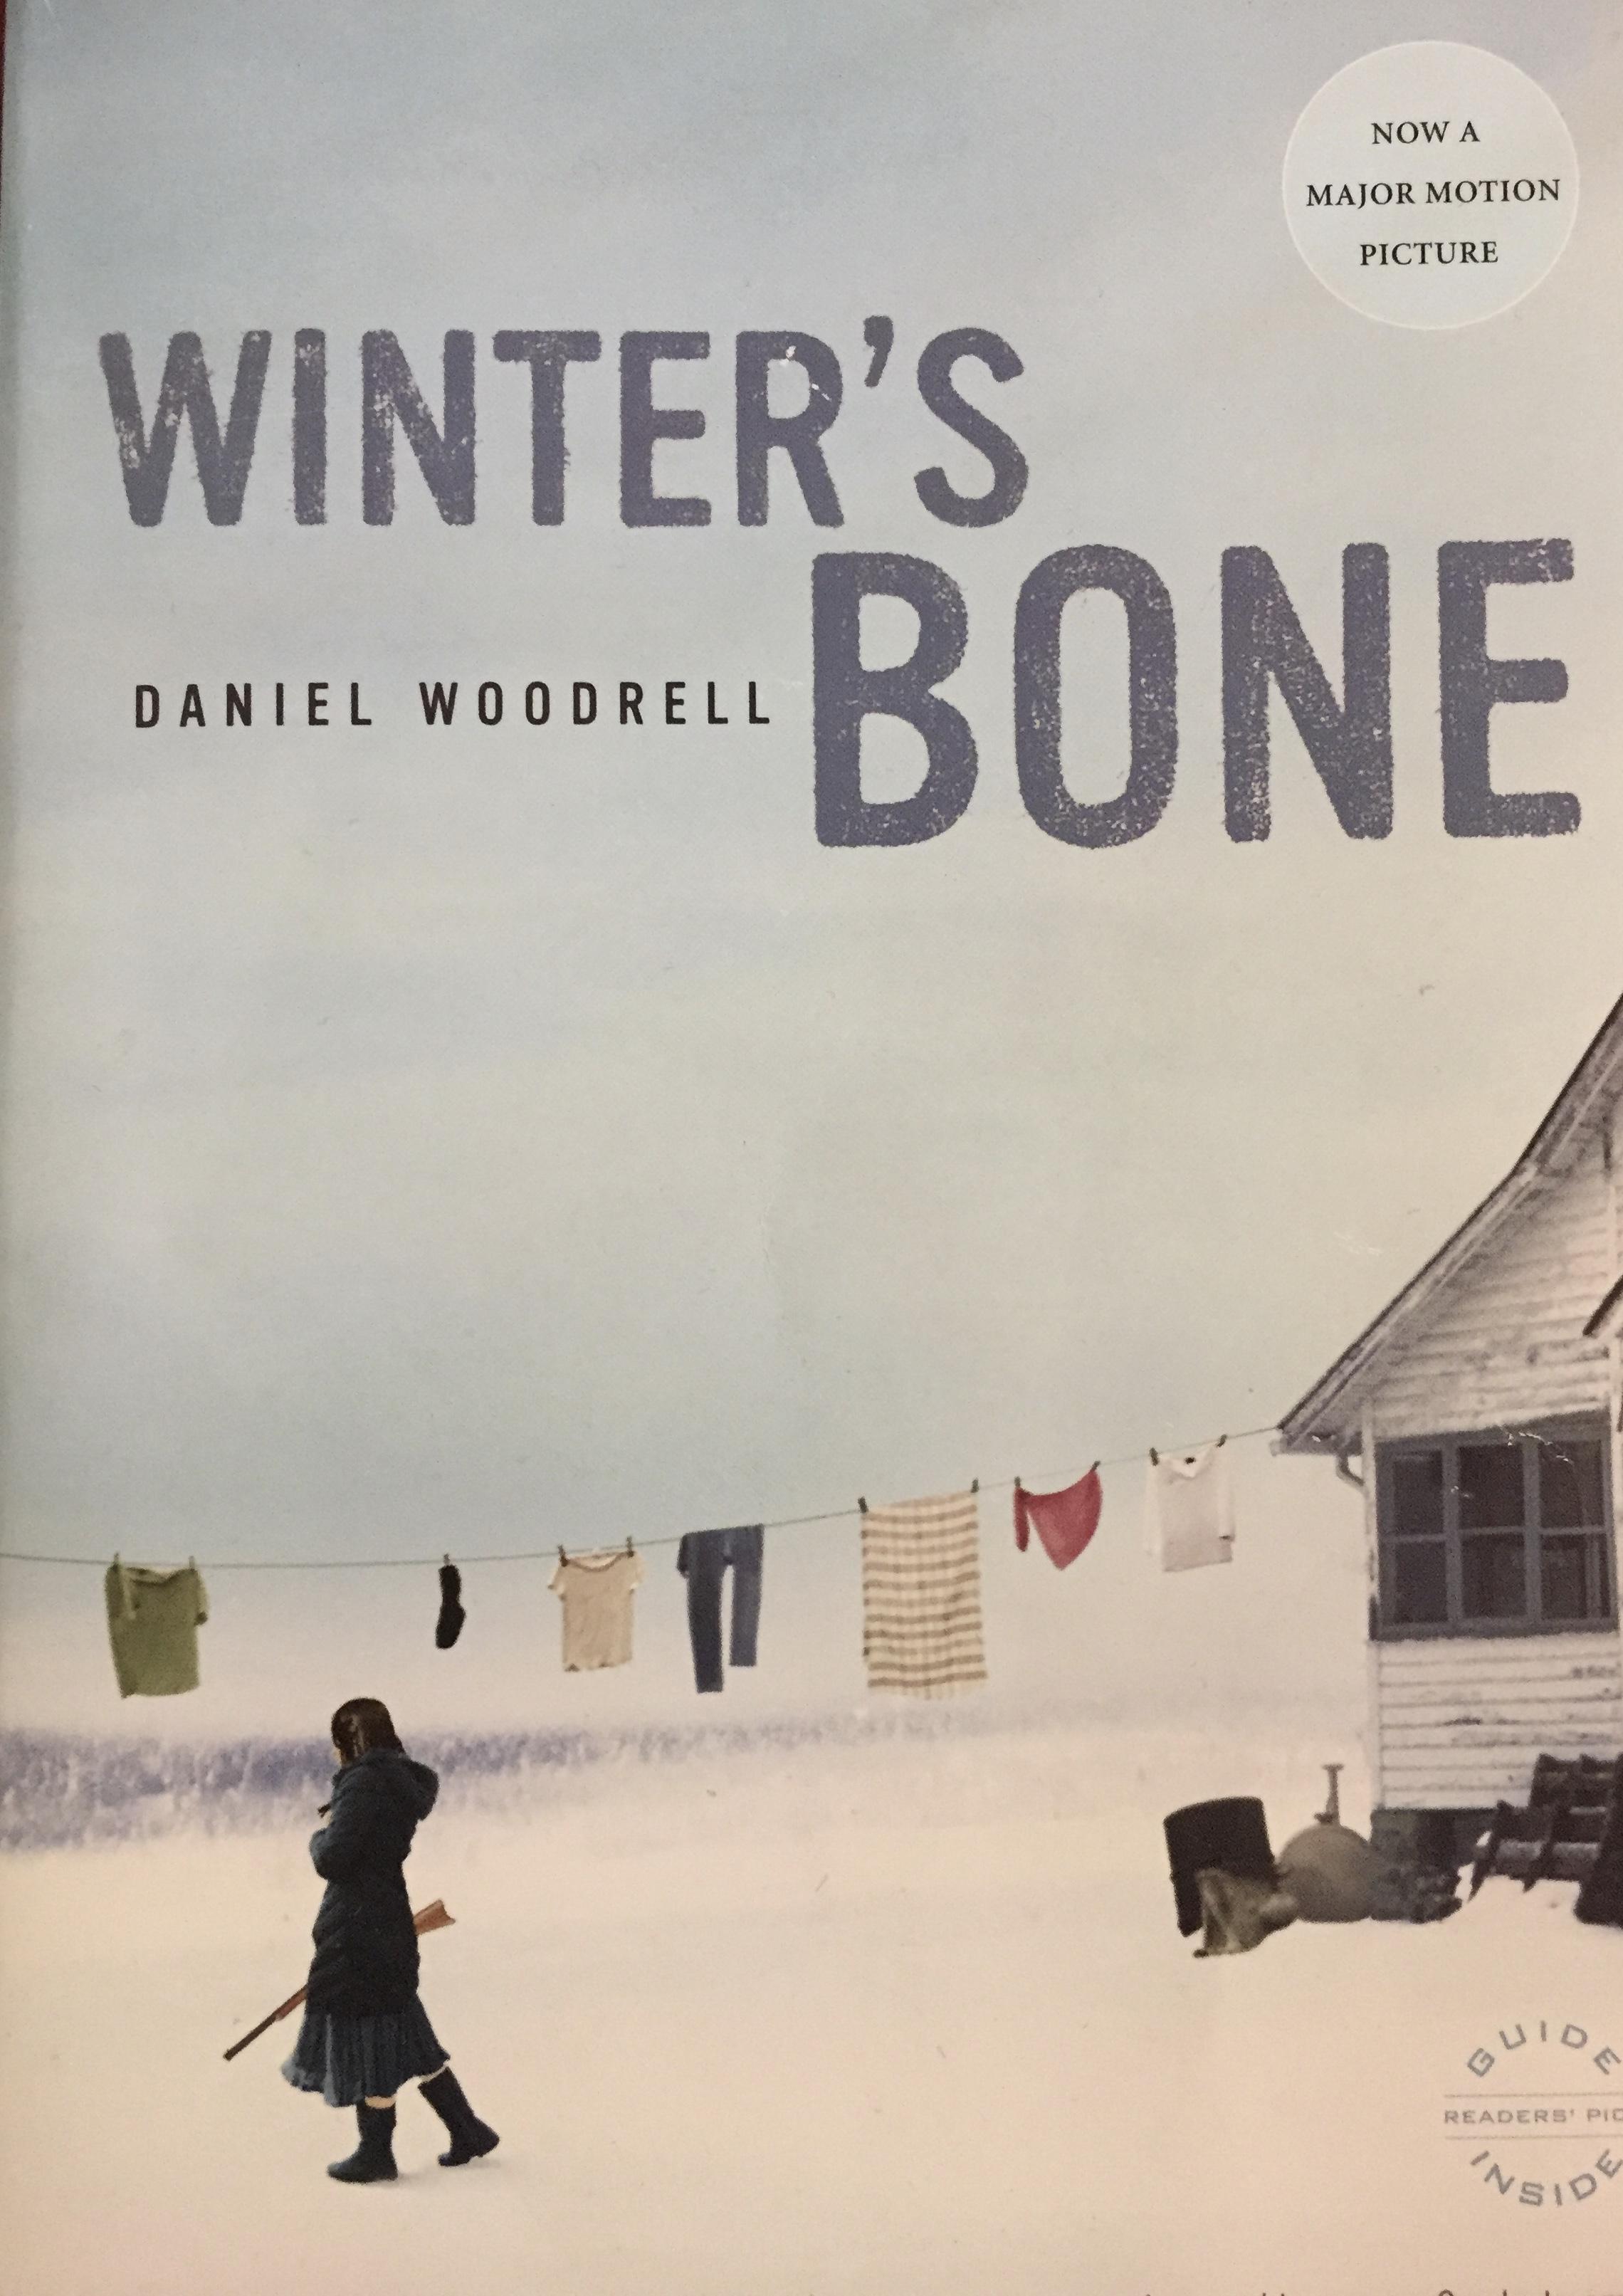 Winter's bone.jpg